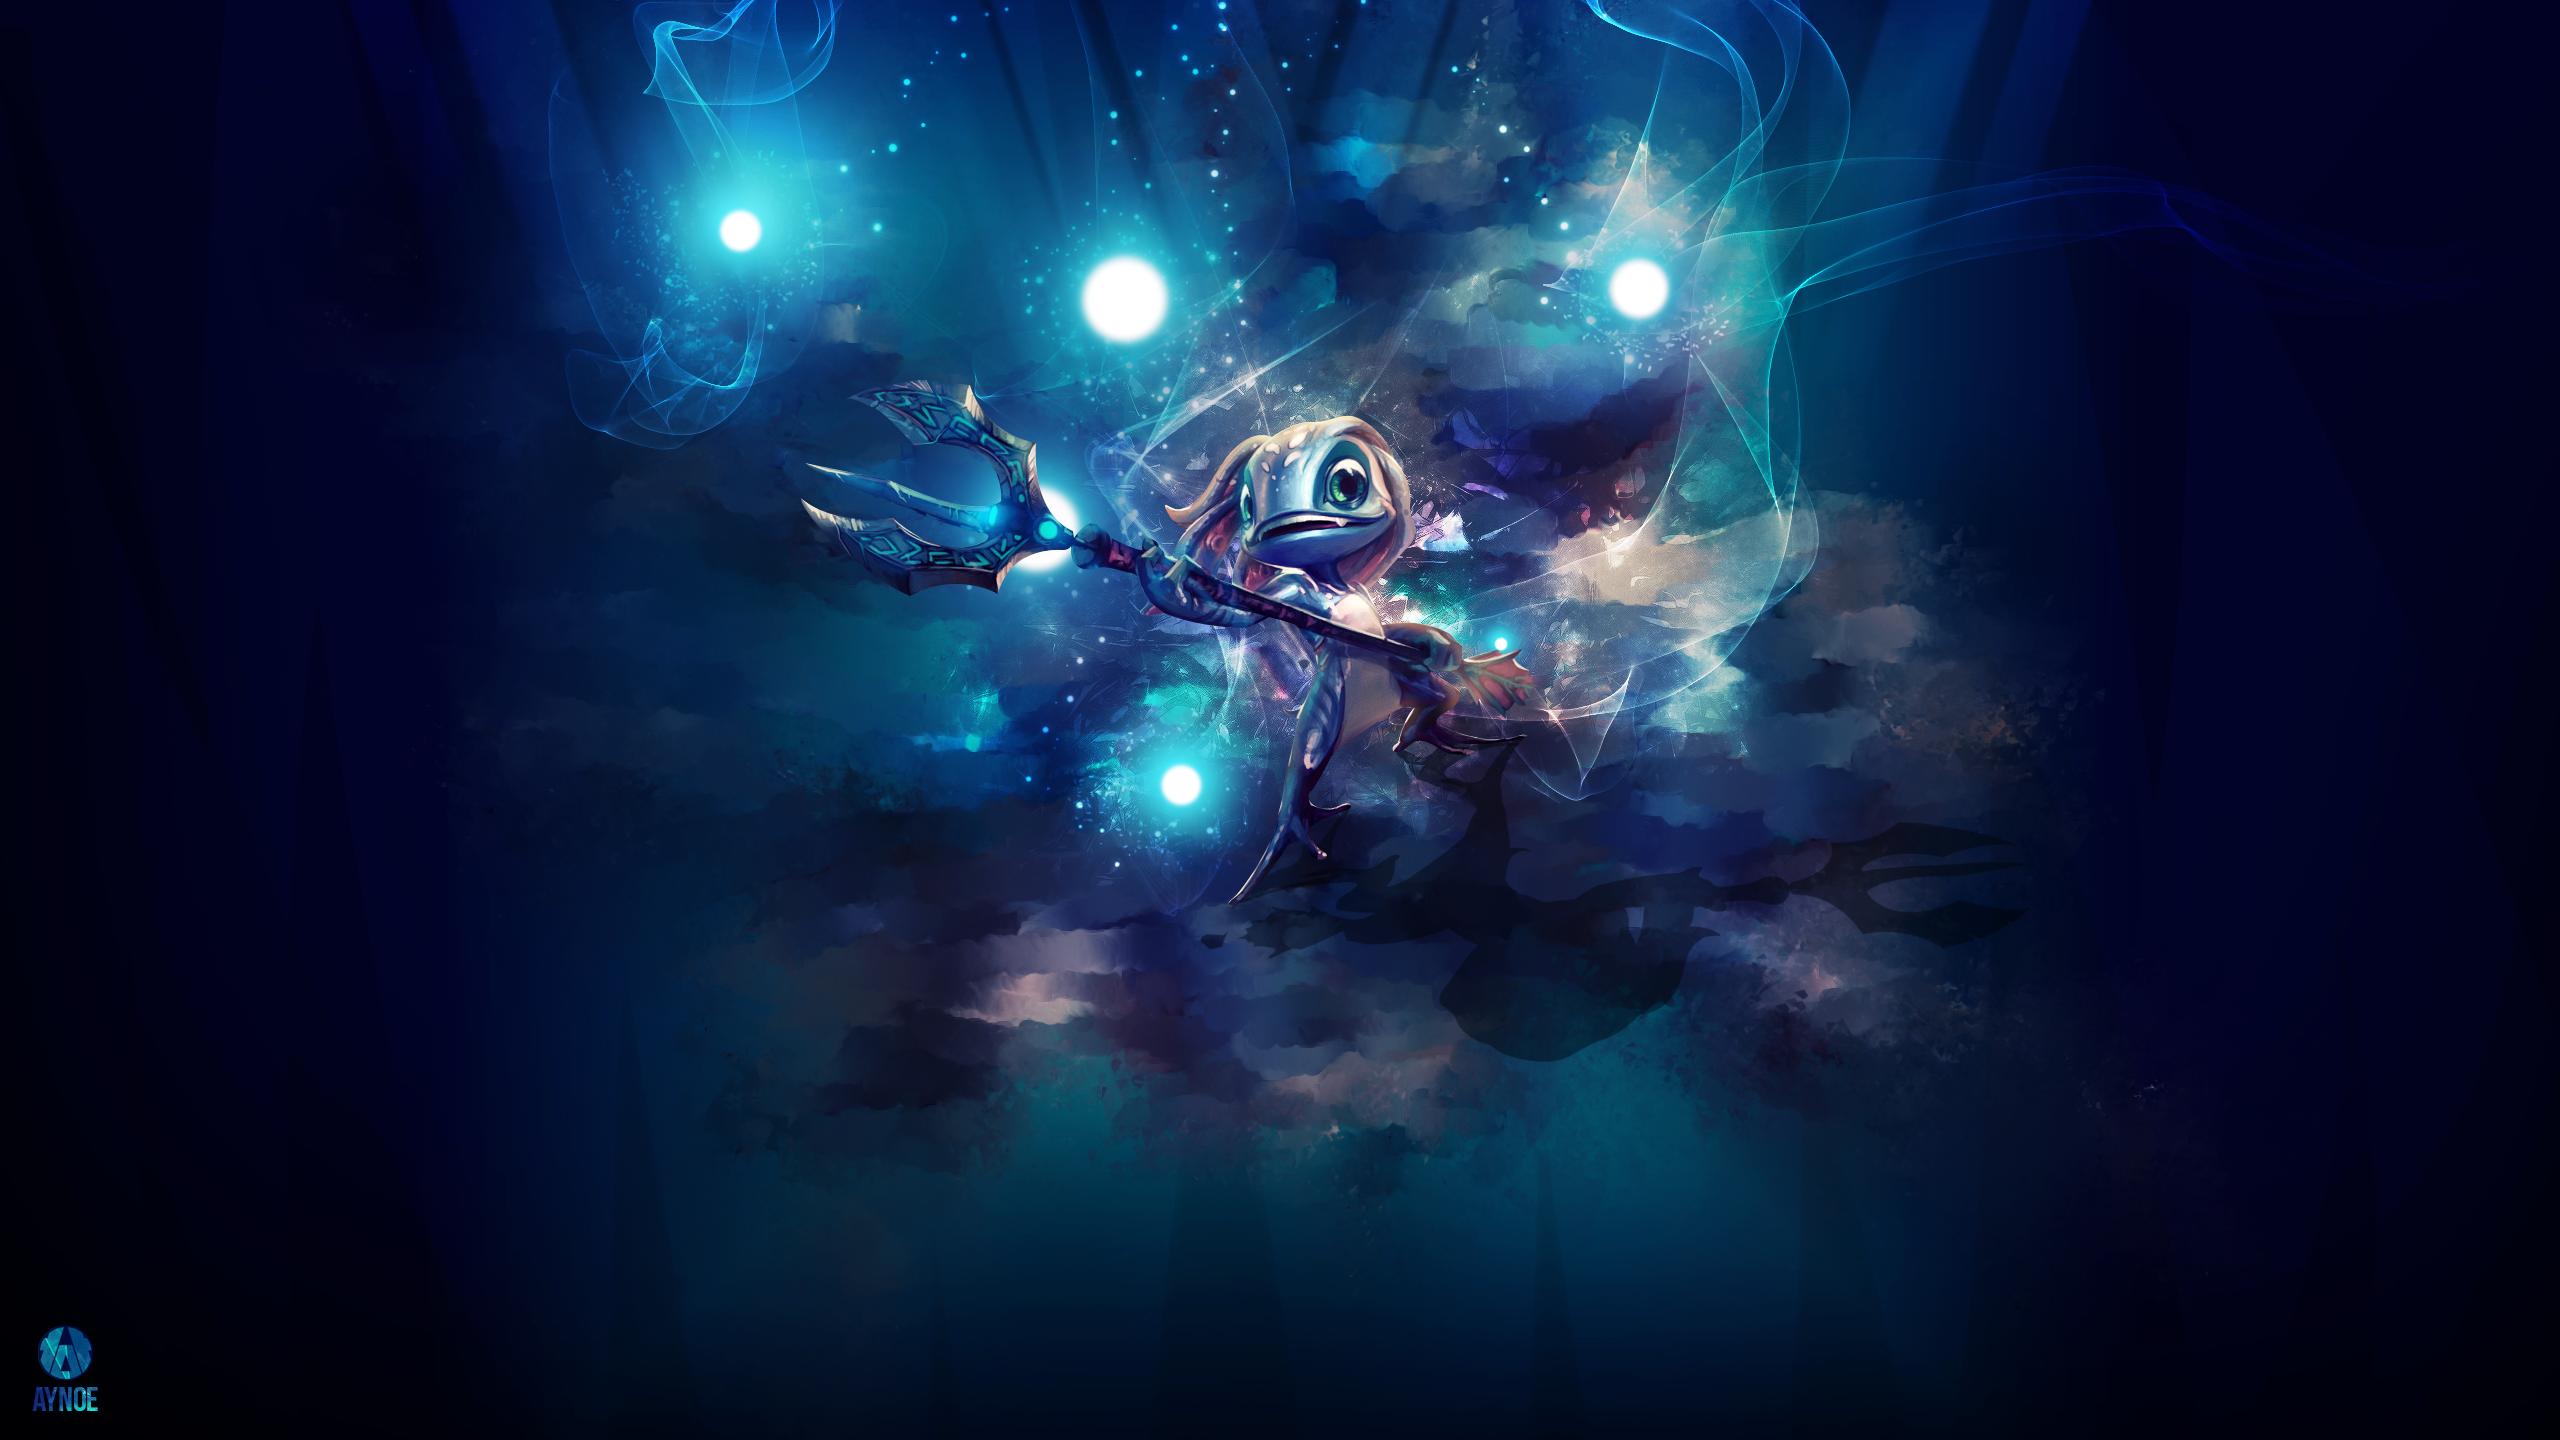 Fizz ~ League of legends - Wallpaper by Aynoe on DeviantArt